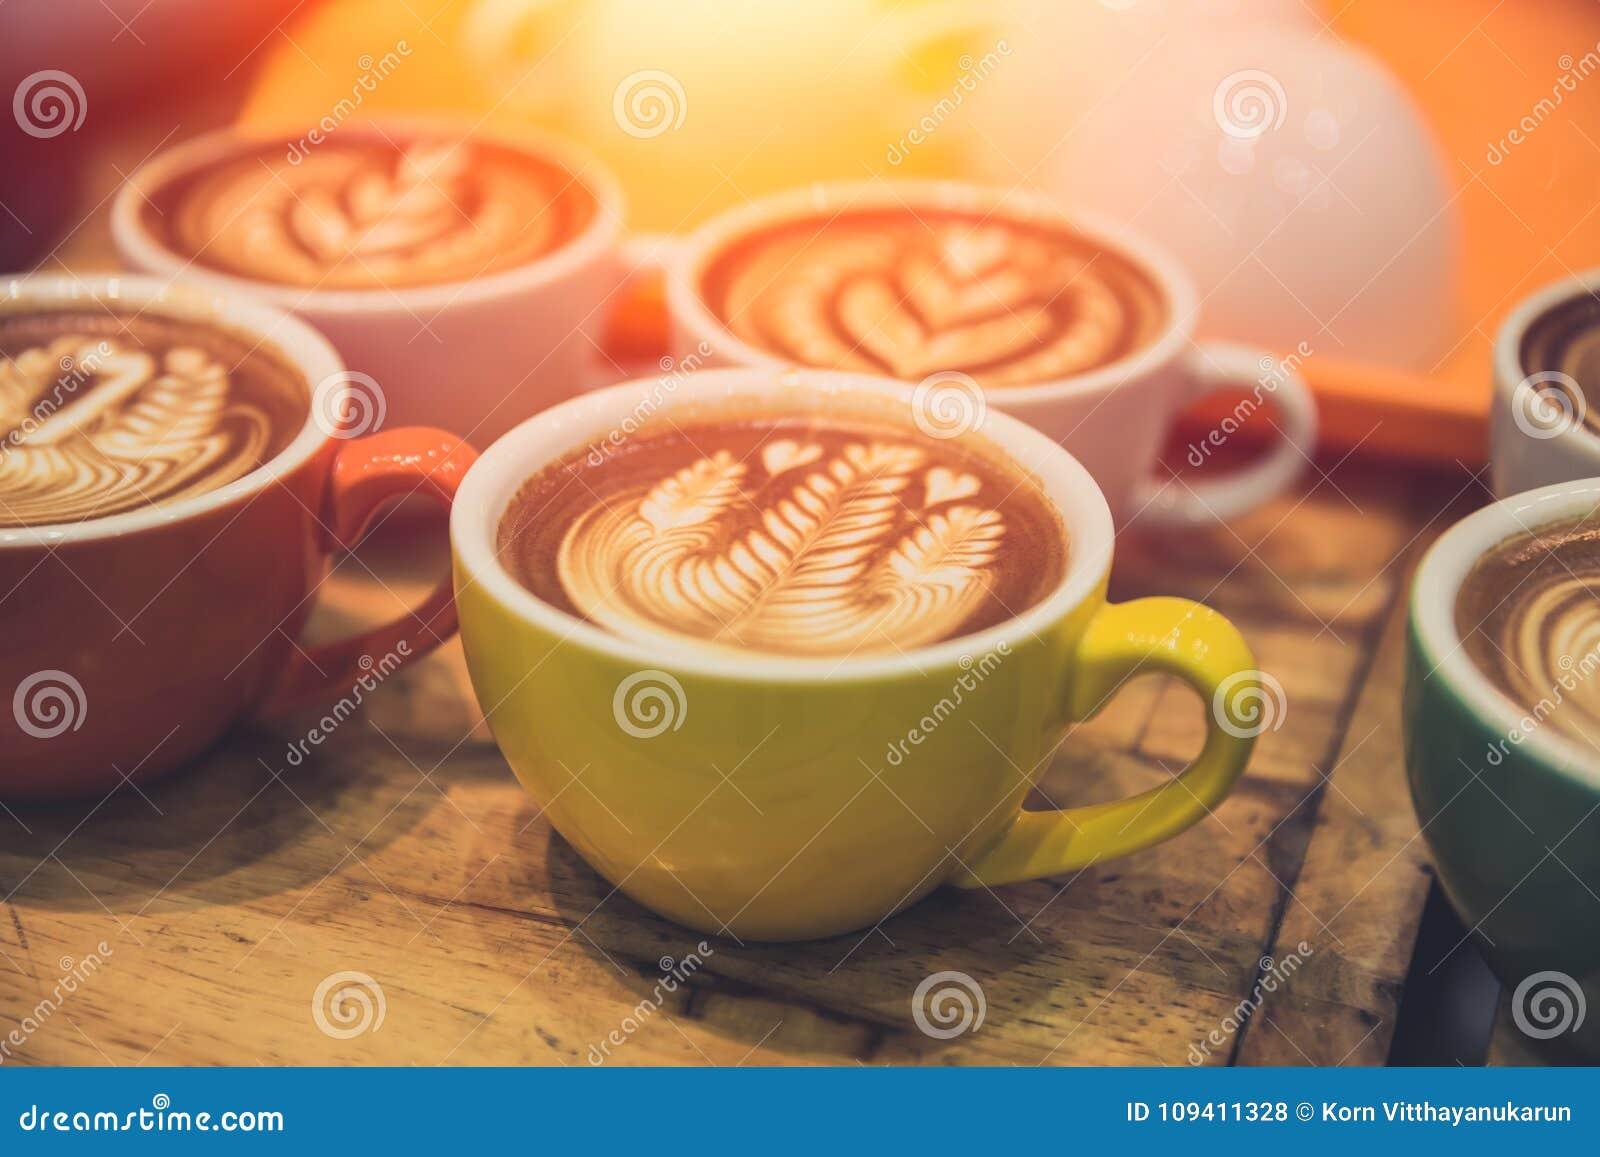 Δημοφιλές ζεστό ποτό τέχνης καφέ latte που εξυπηρετείται στον ξύλινο πίνακα